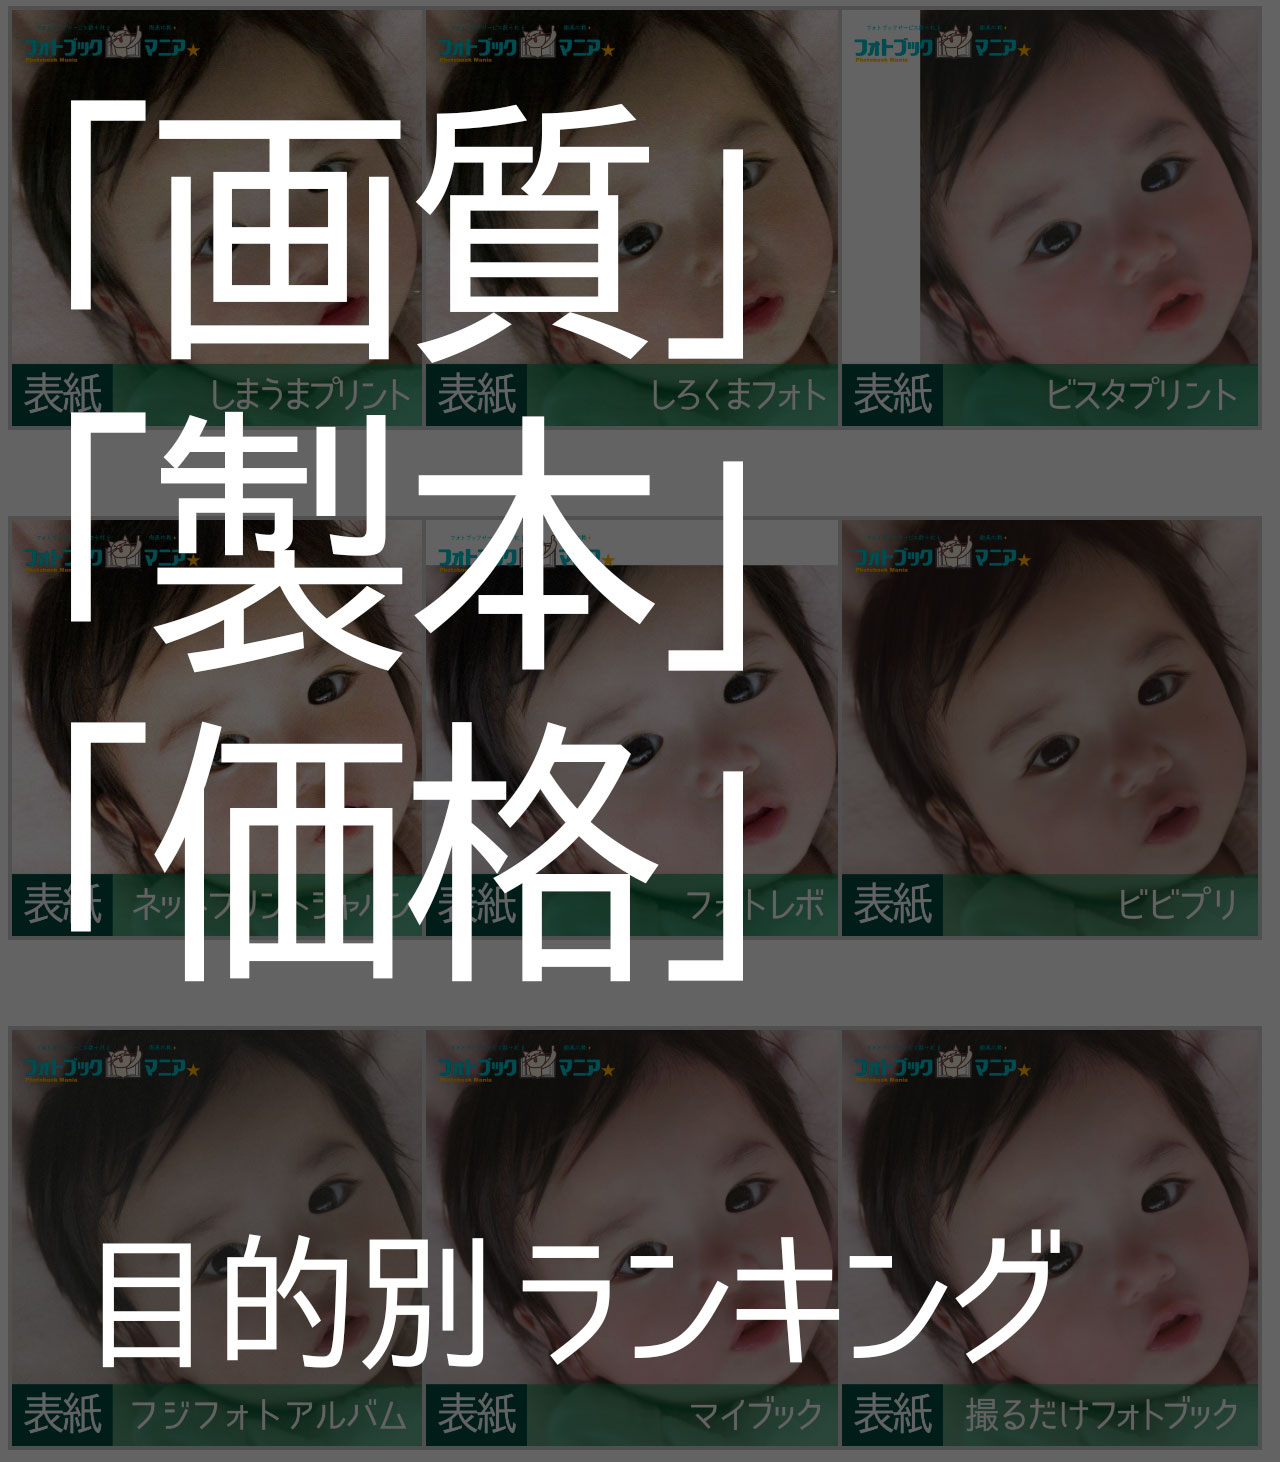 「目的別」フォトブックマニアおすすめランキング2017まとめ(画質・製本・値段)